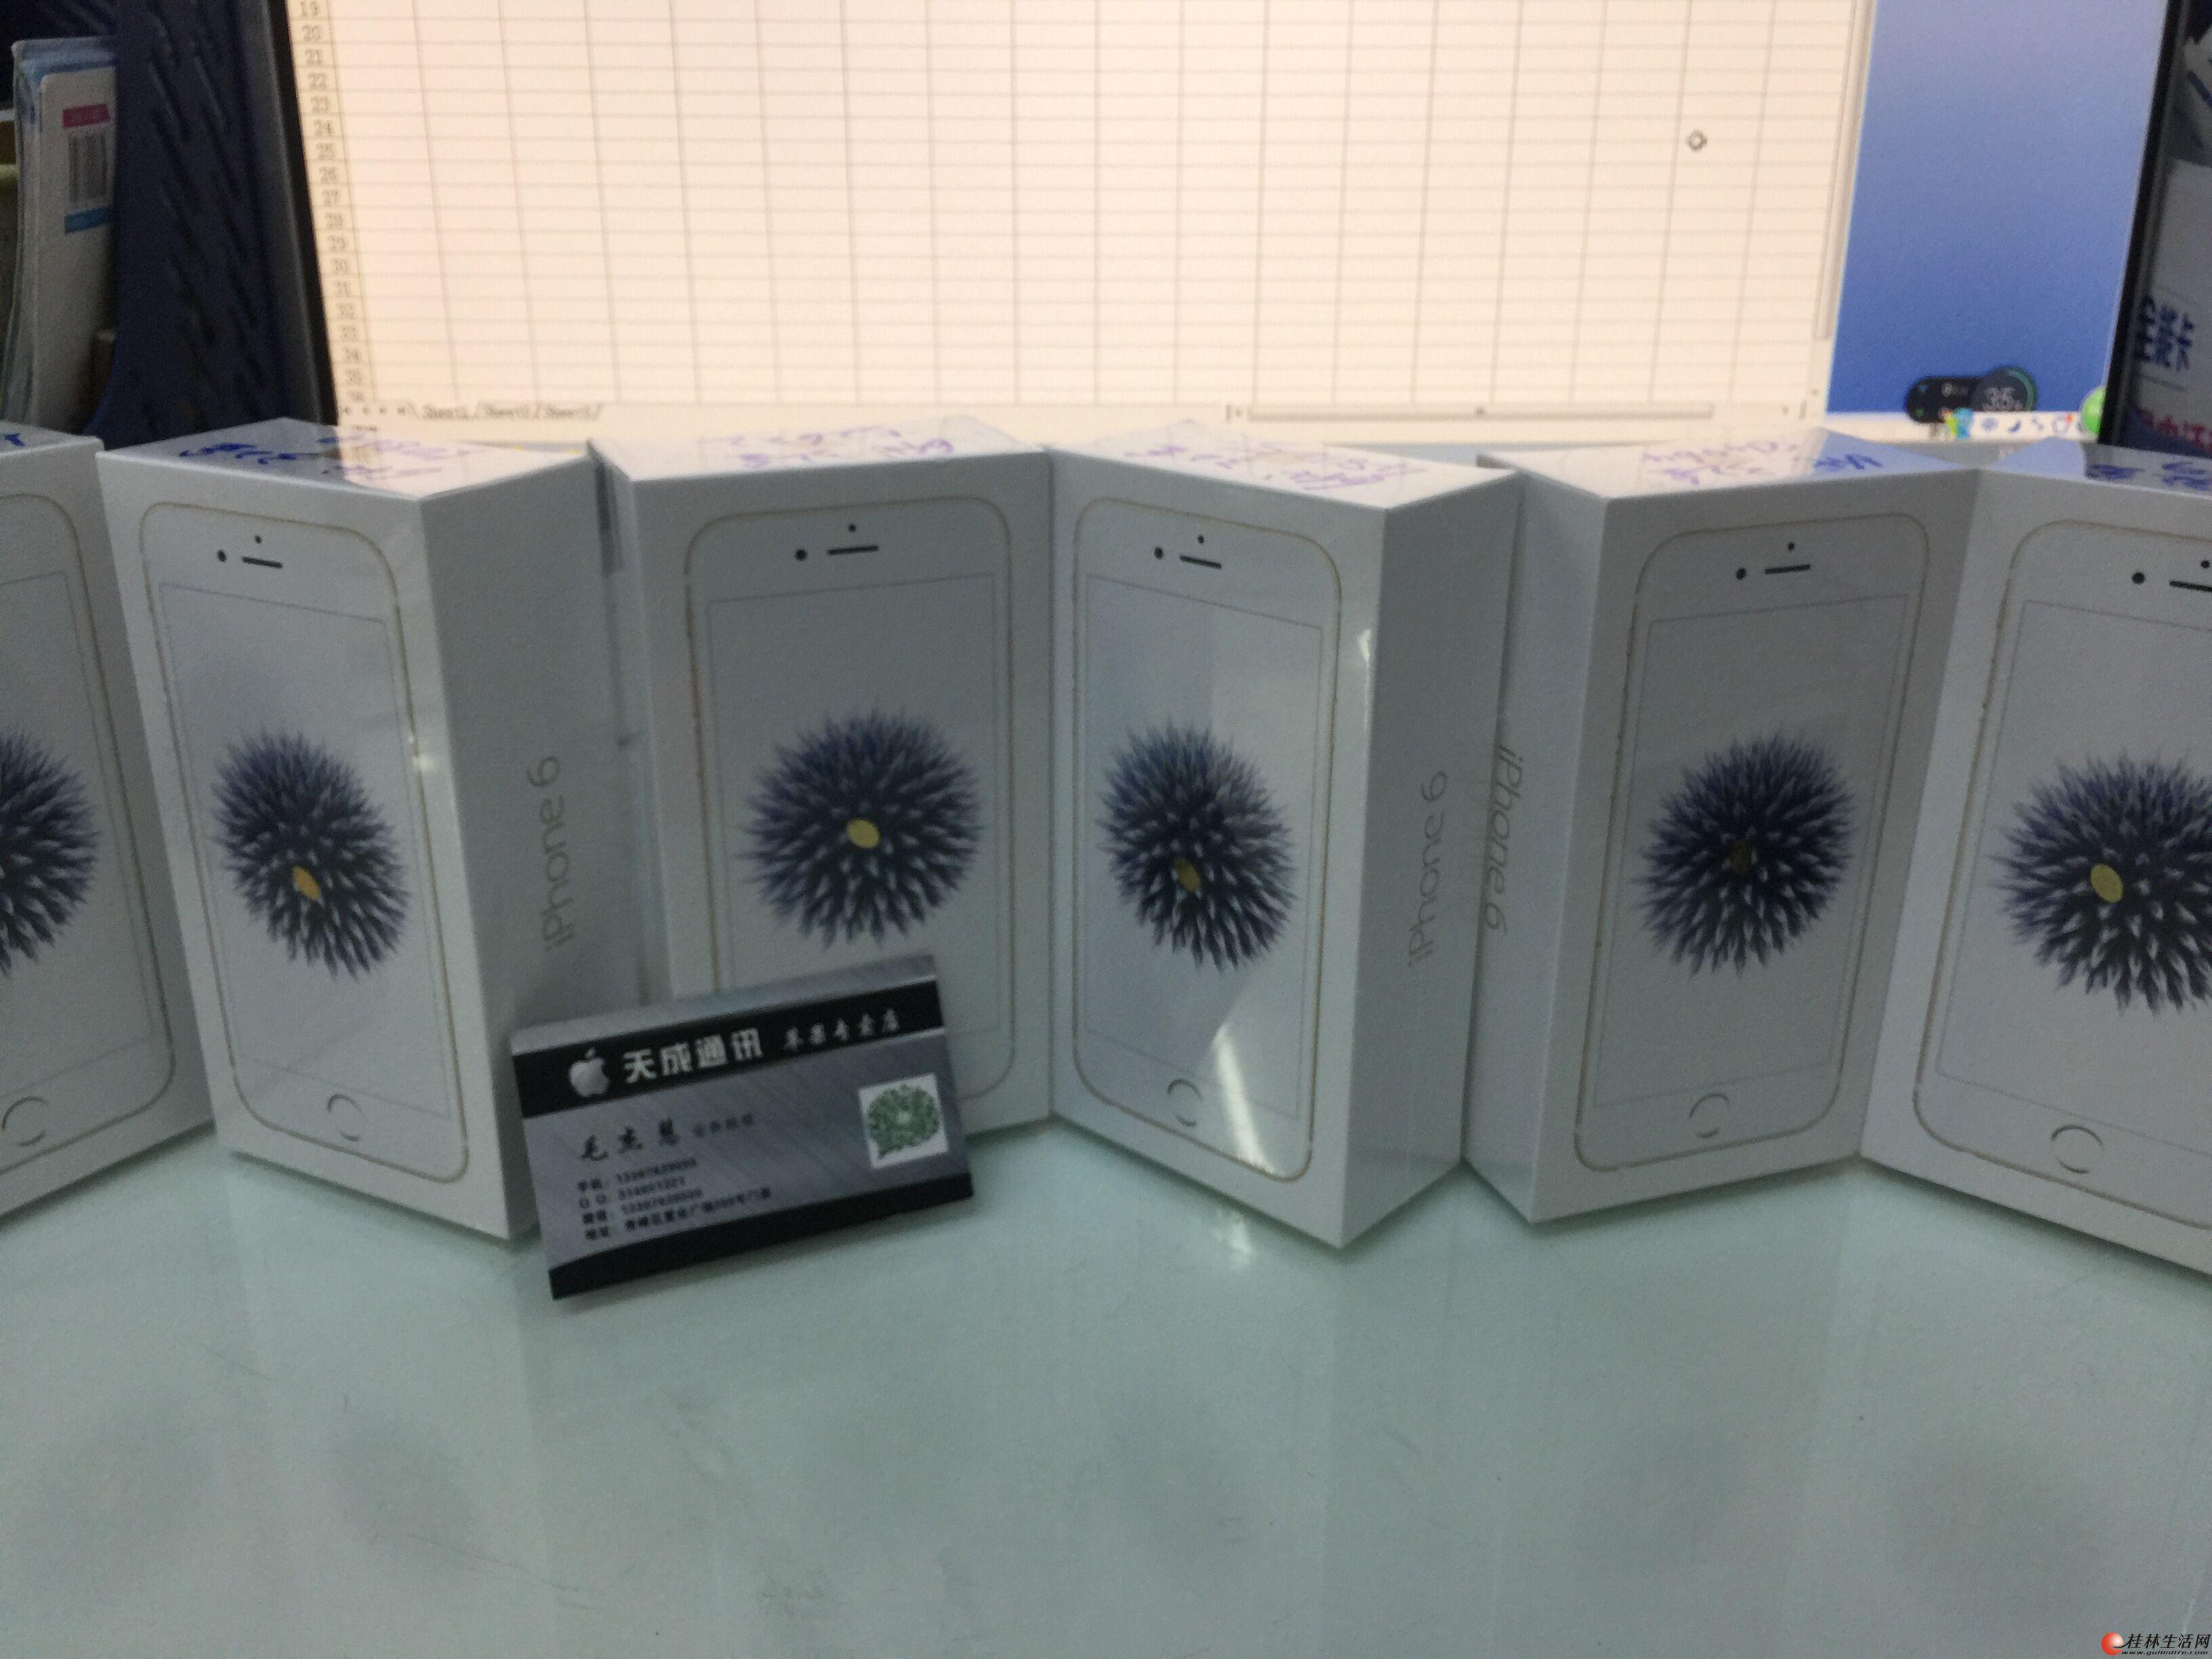 全新原封苹果6国行32G金,特价2680元,谢绝讲价!